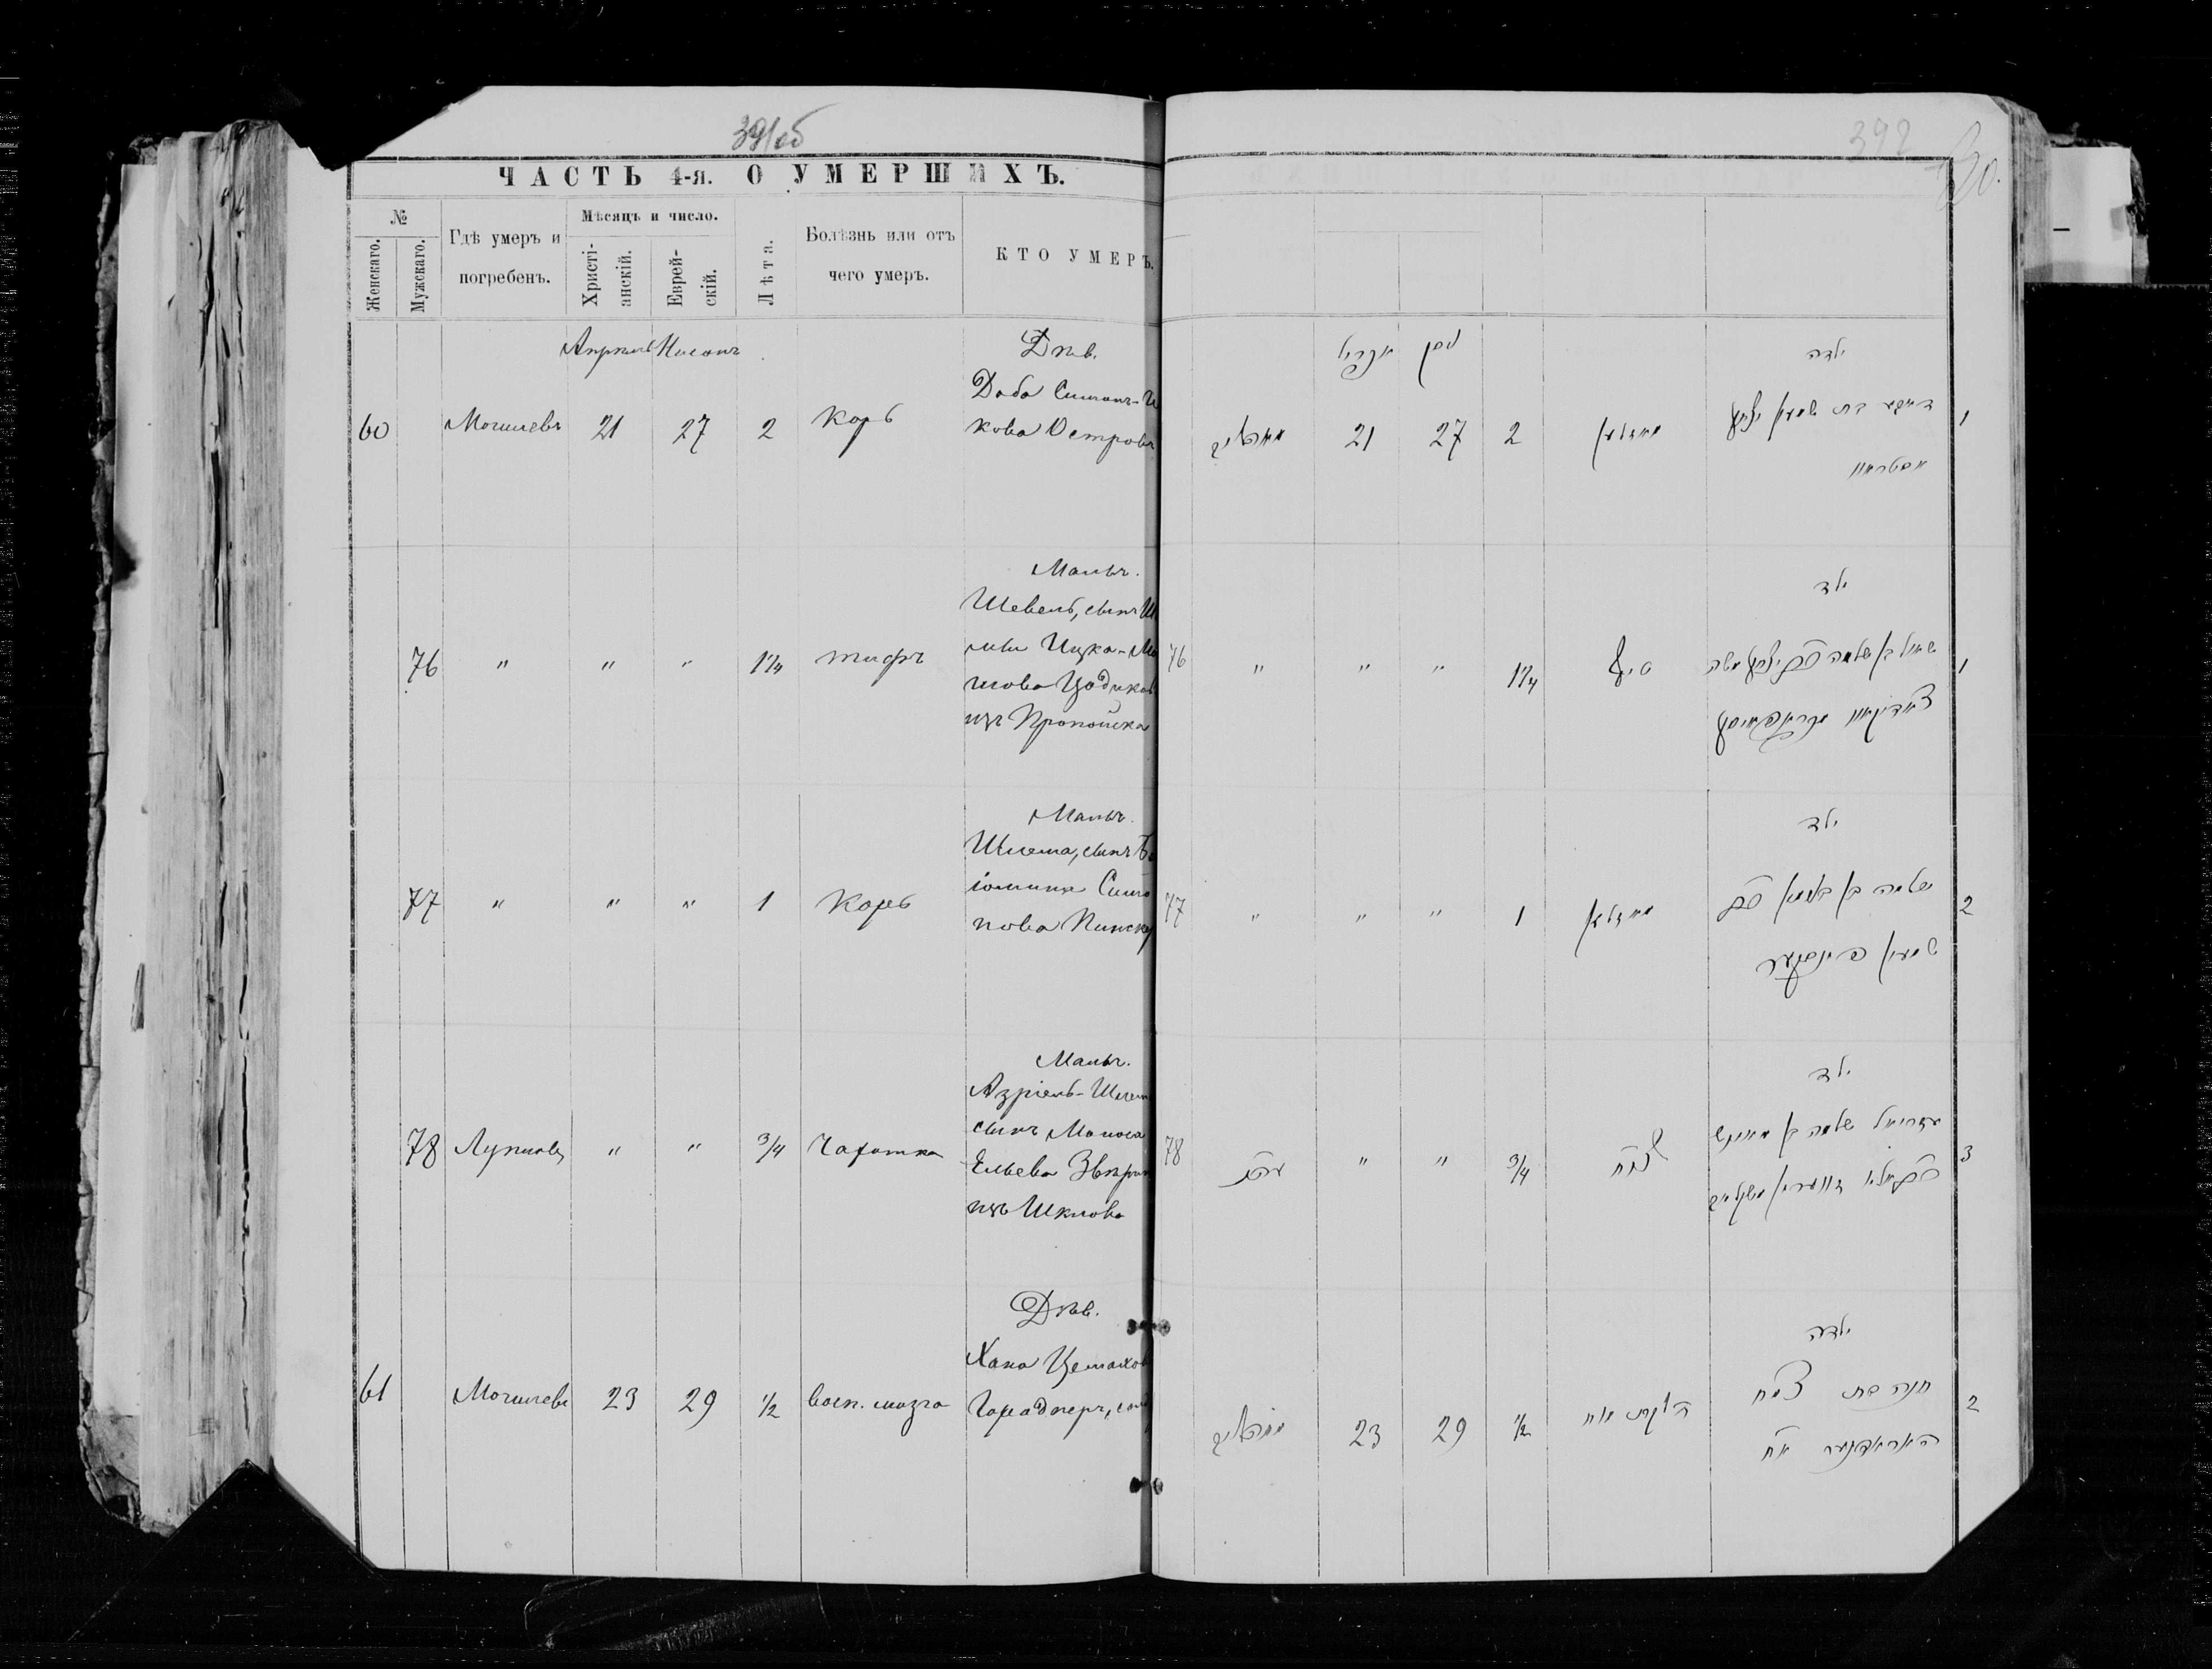 Доба Ицкова ум. 21 апреля 1894, запись 60, пленка 004563097, снимок 916